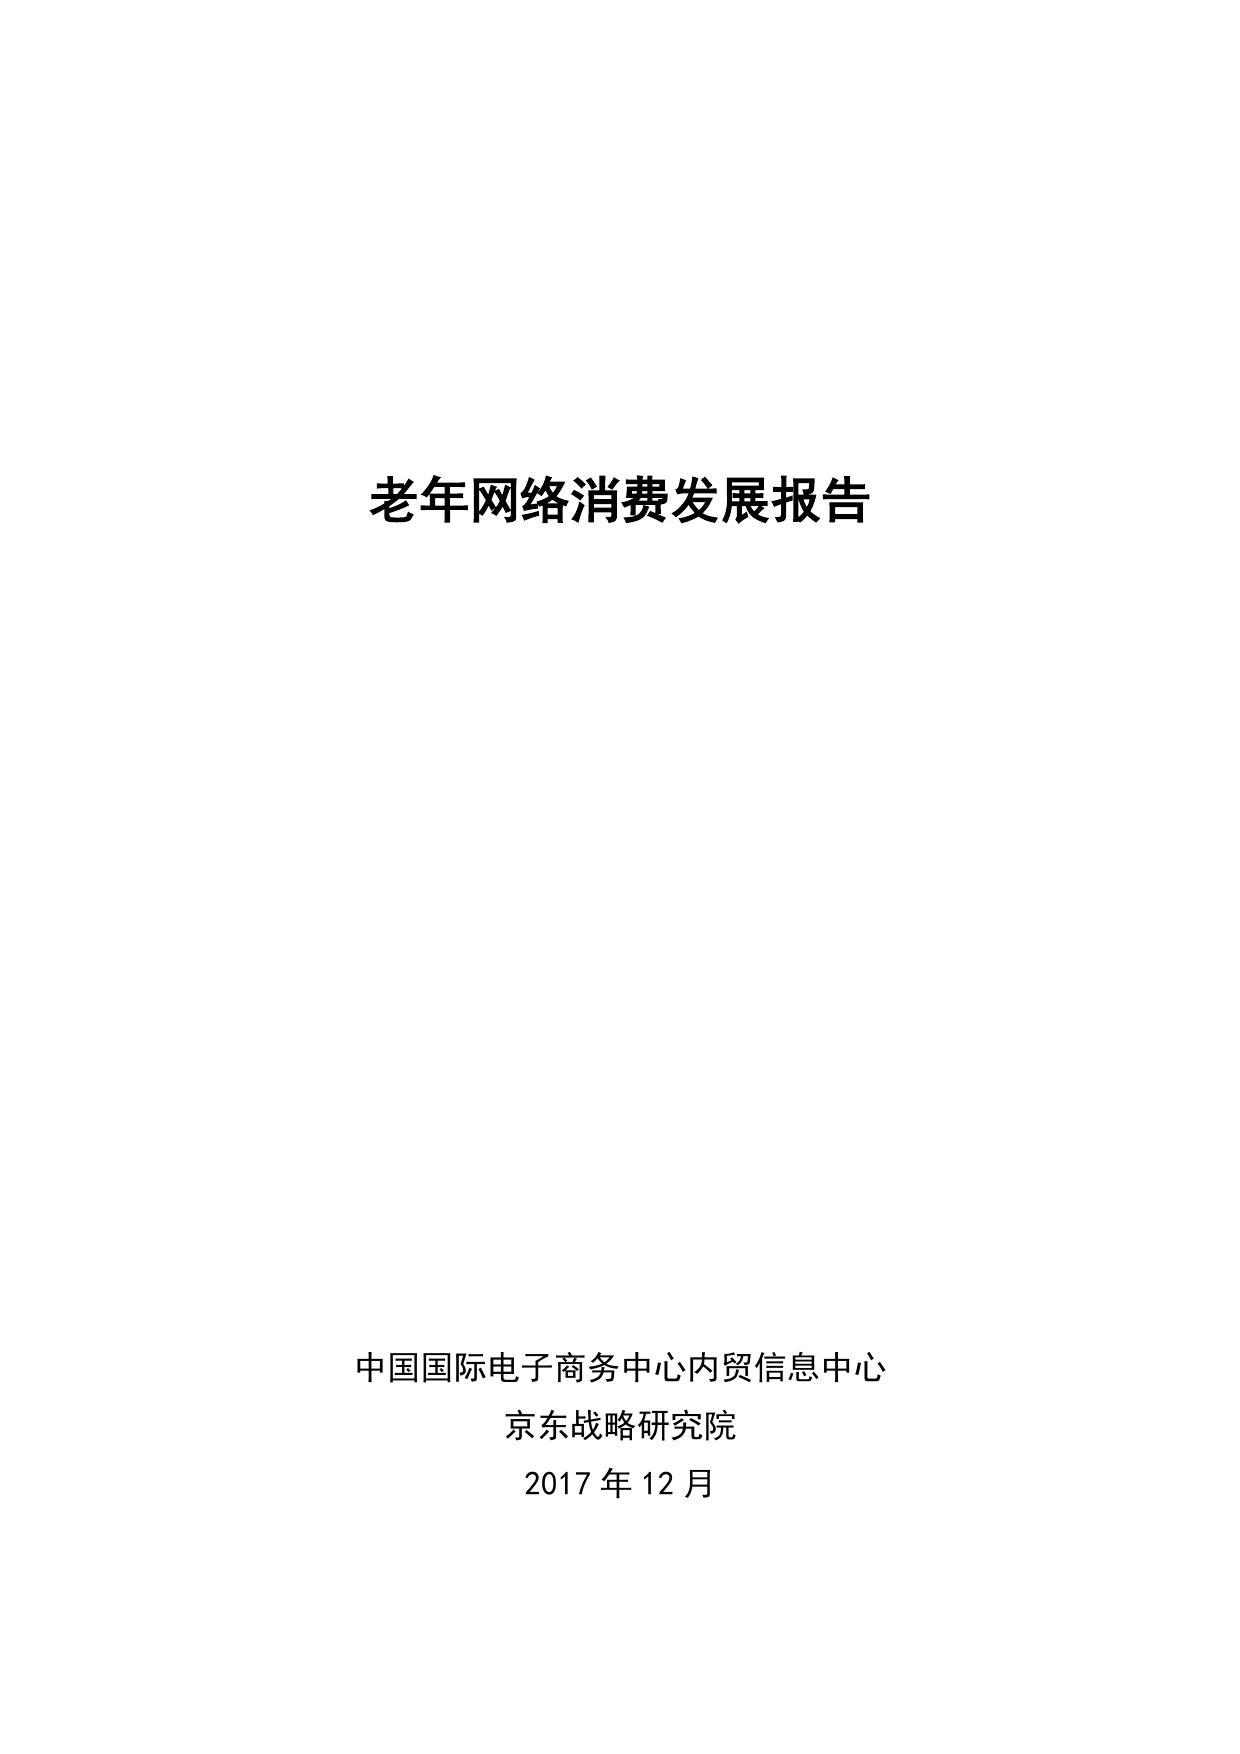 2017老年网络消费发展报告 (附下载)